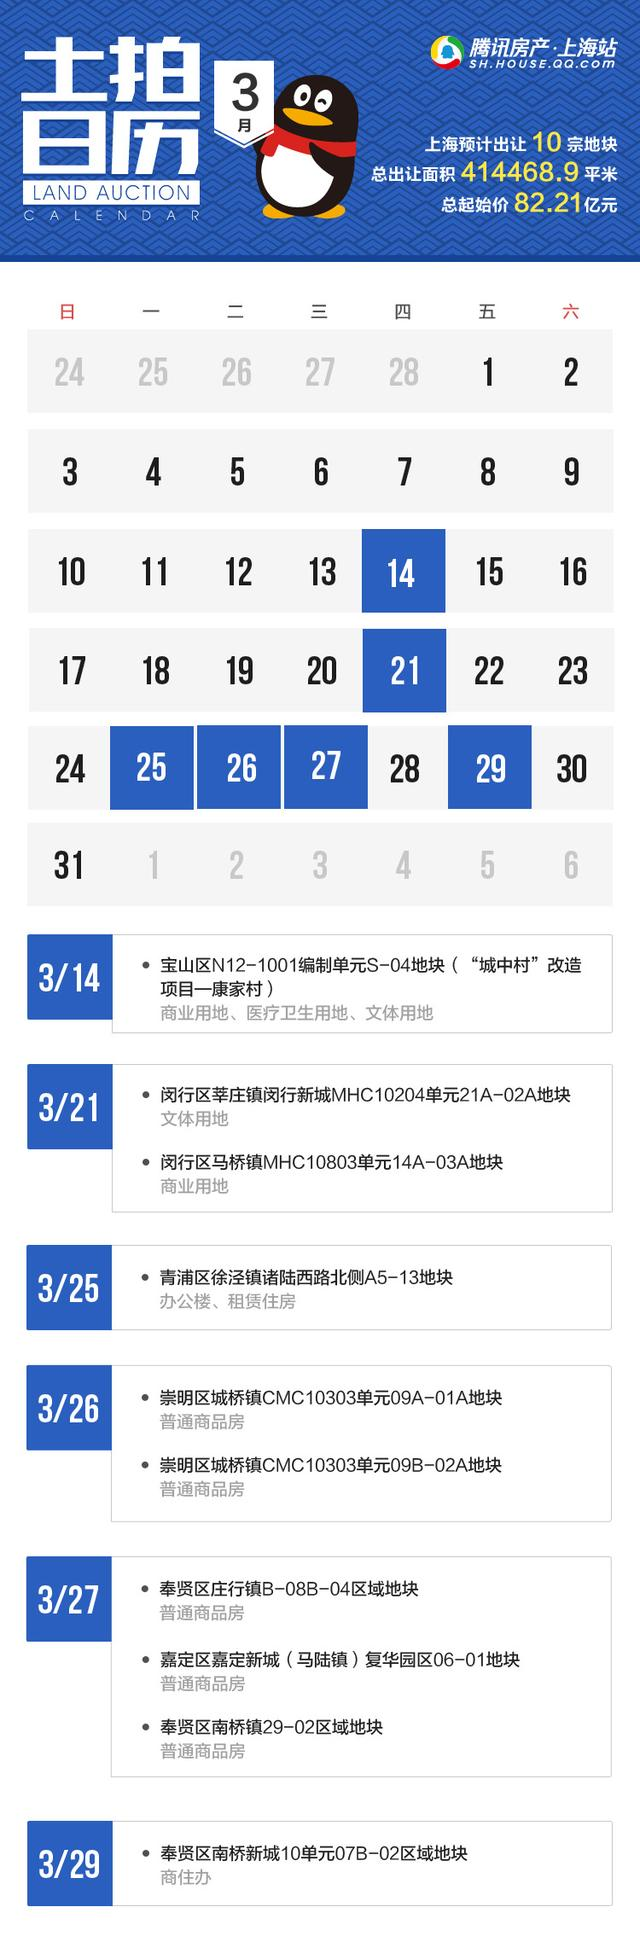 """企鹅前线 """"金三""""上海预计出让10幅地块 总起始价82.21亿元"""